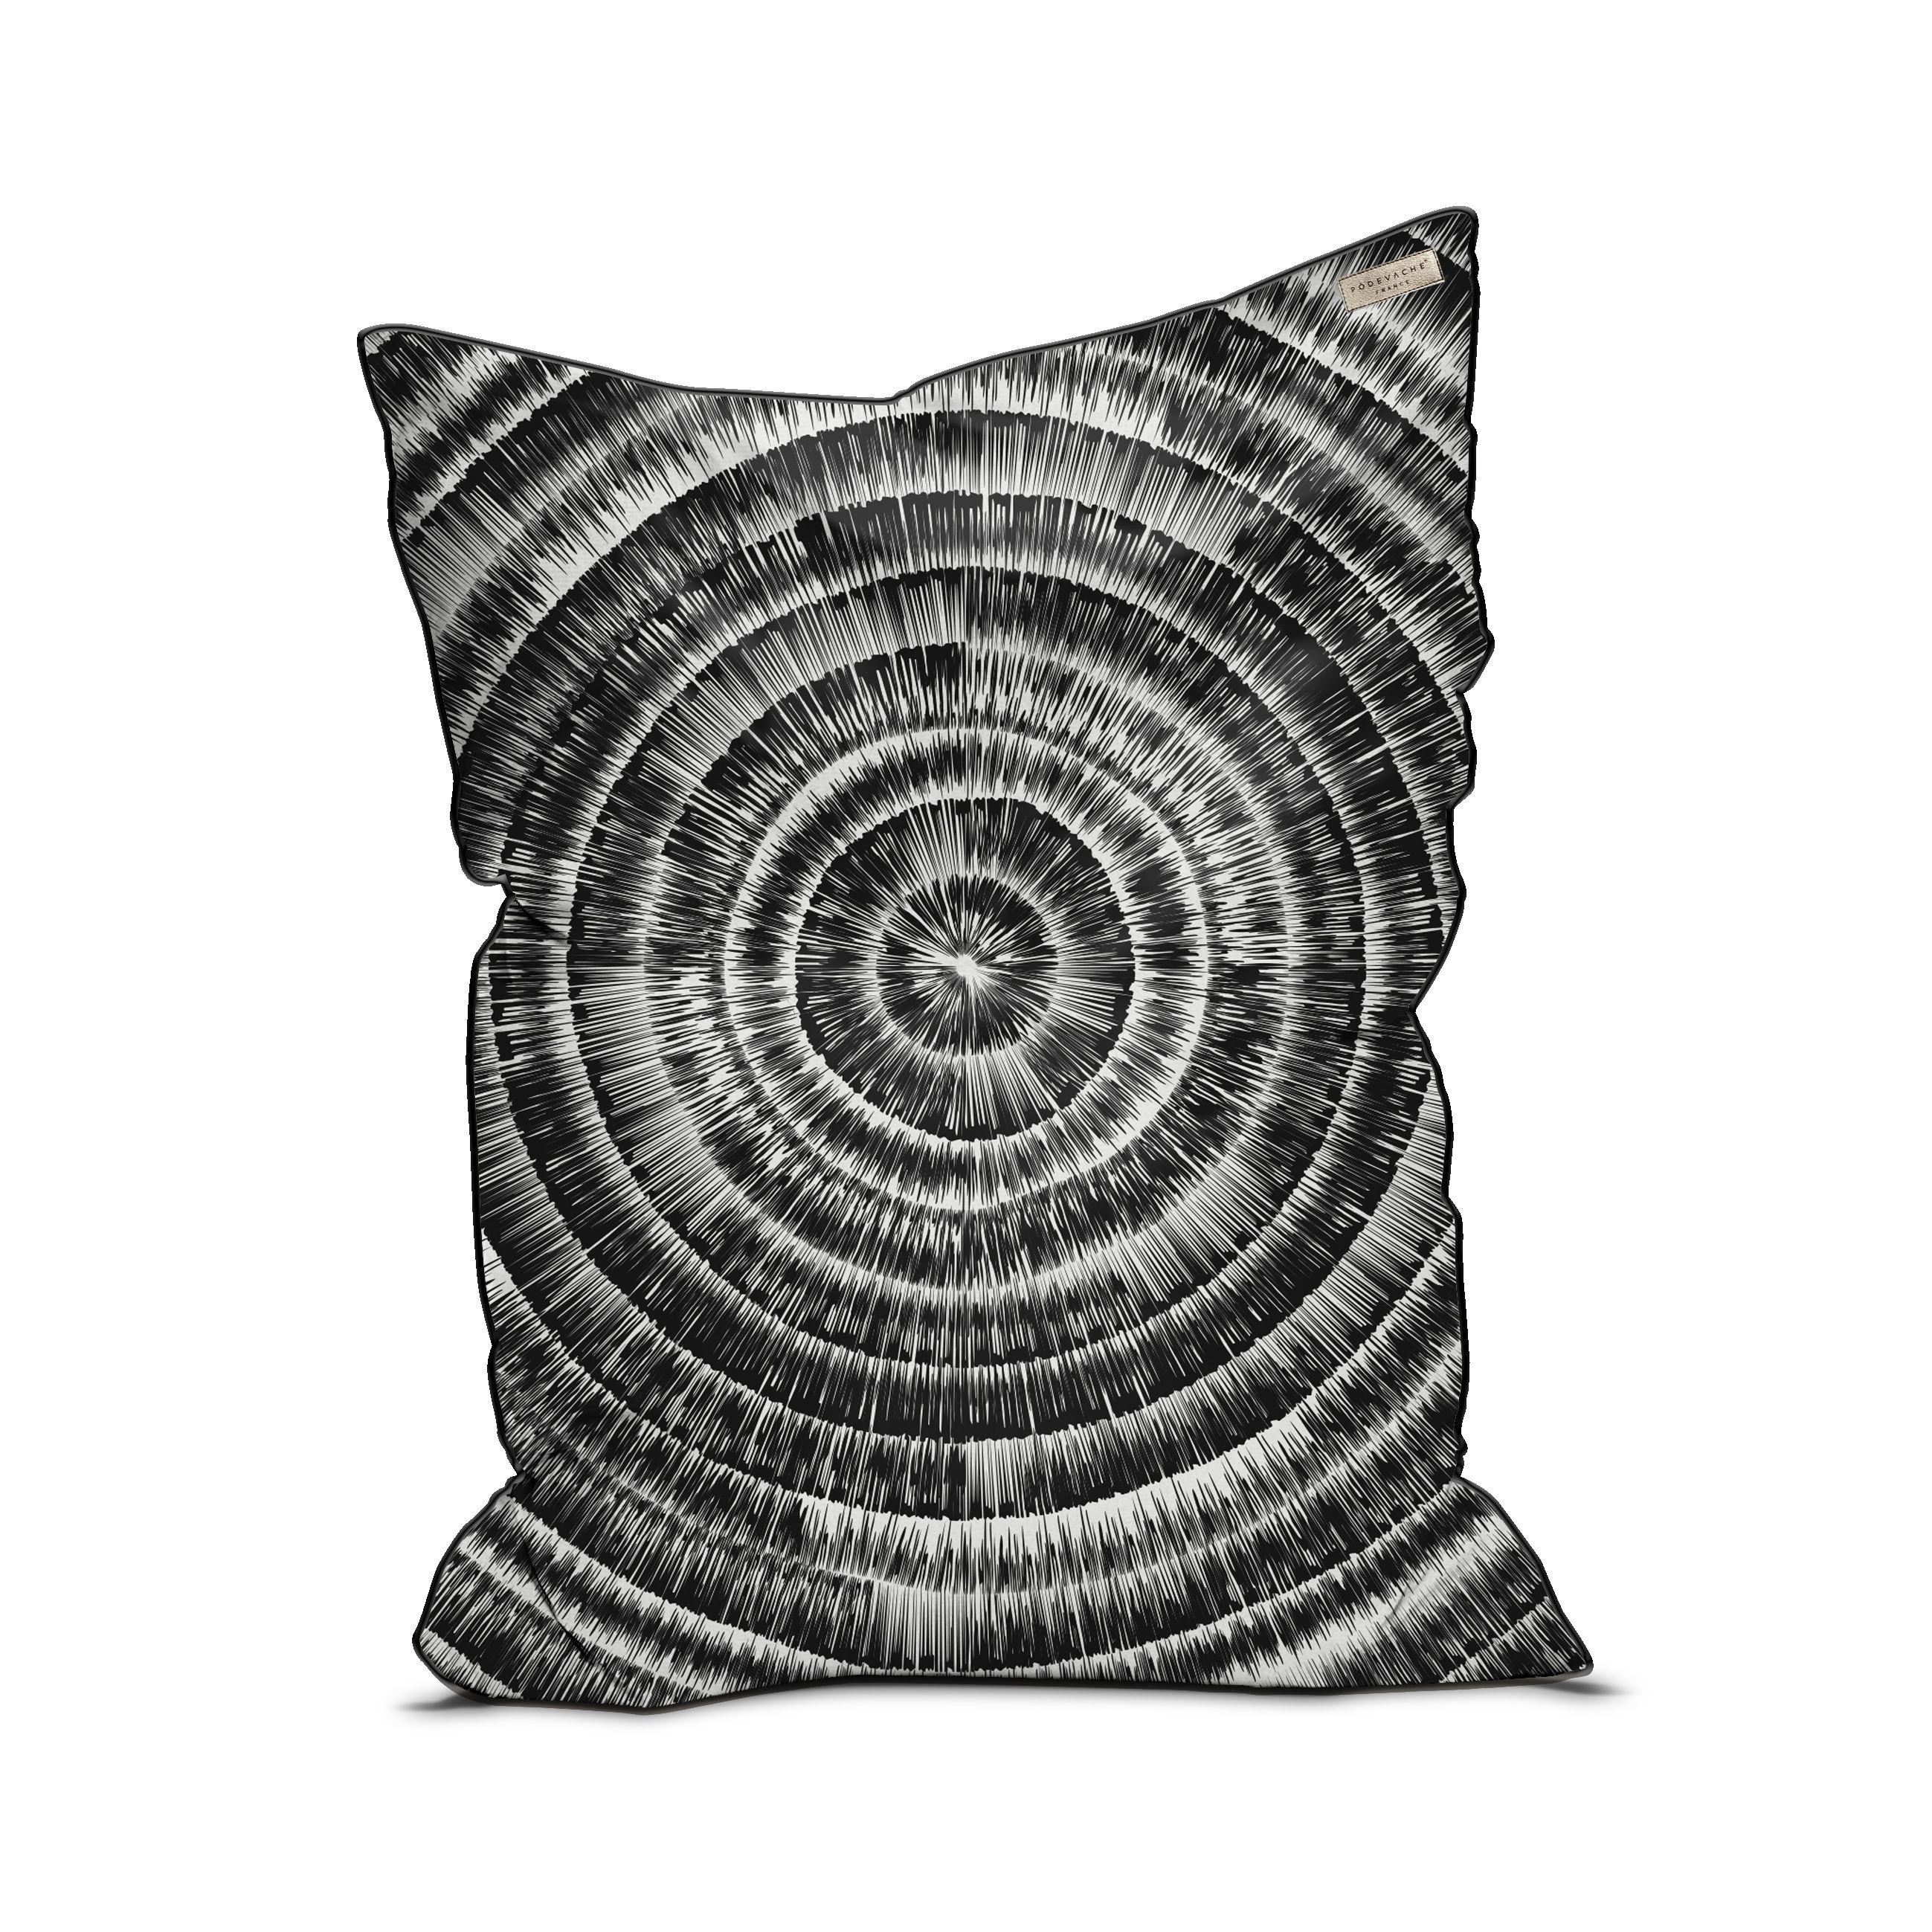 Furniture - Poufs & Floor Cushions - Spirale Pouf - / Velvet - 115 x 145 cm by PÔDEVACHE - Black & grey - EPS balls, Fabric, Velvet